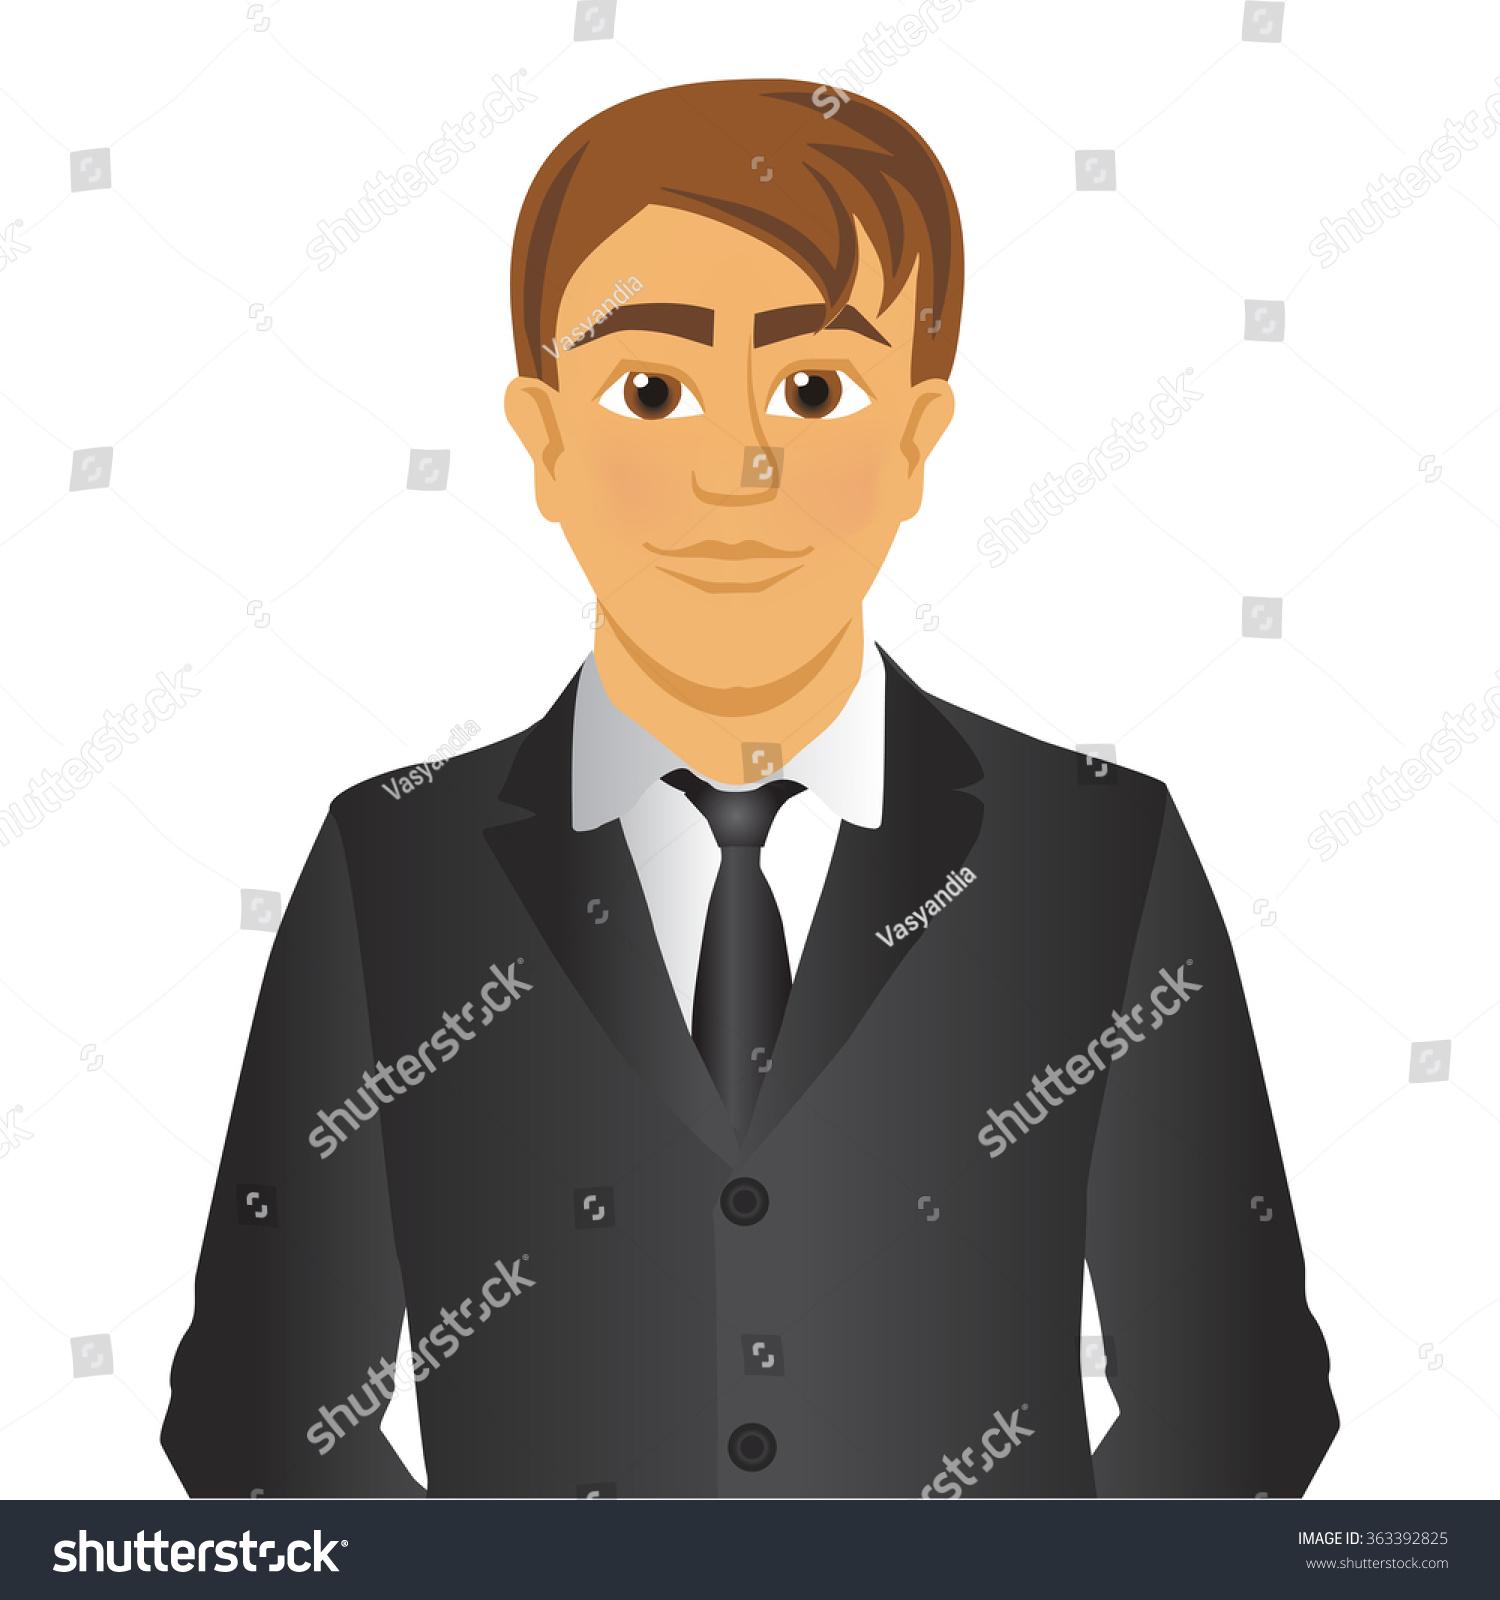 Cartoon Characters In Suits : Vector cartoon character man suit tie stock